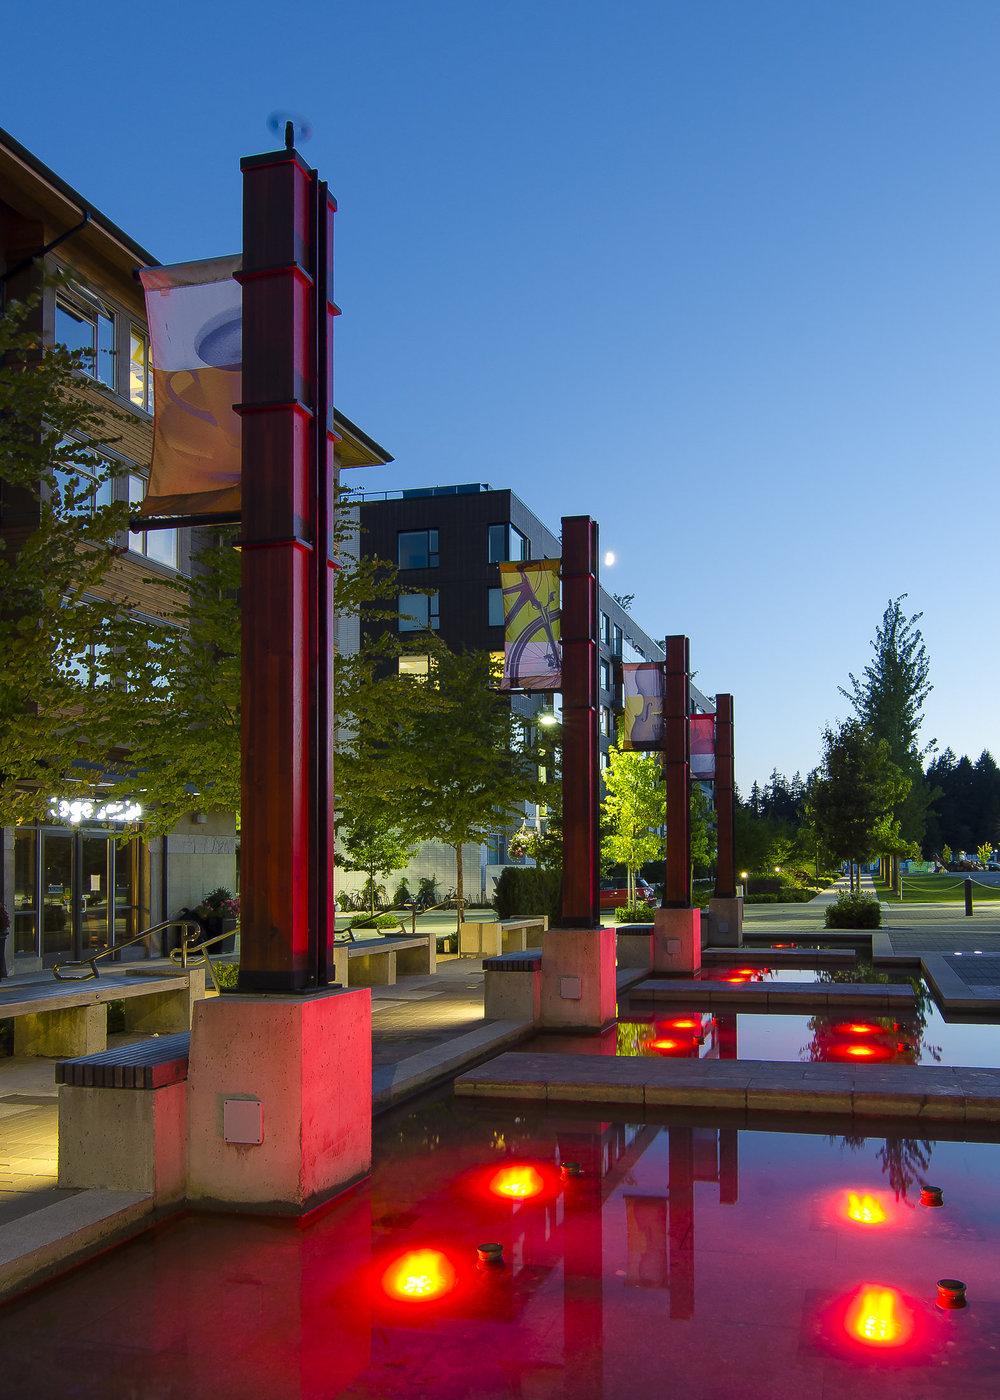 UBC Wesbrook Village plaza